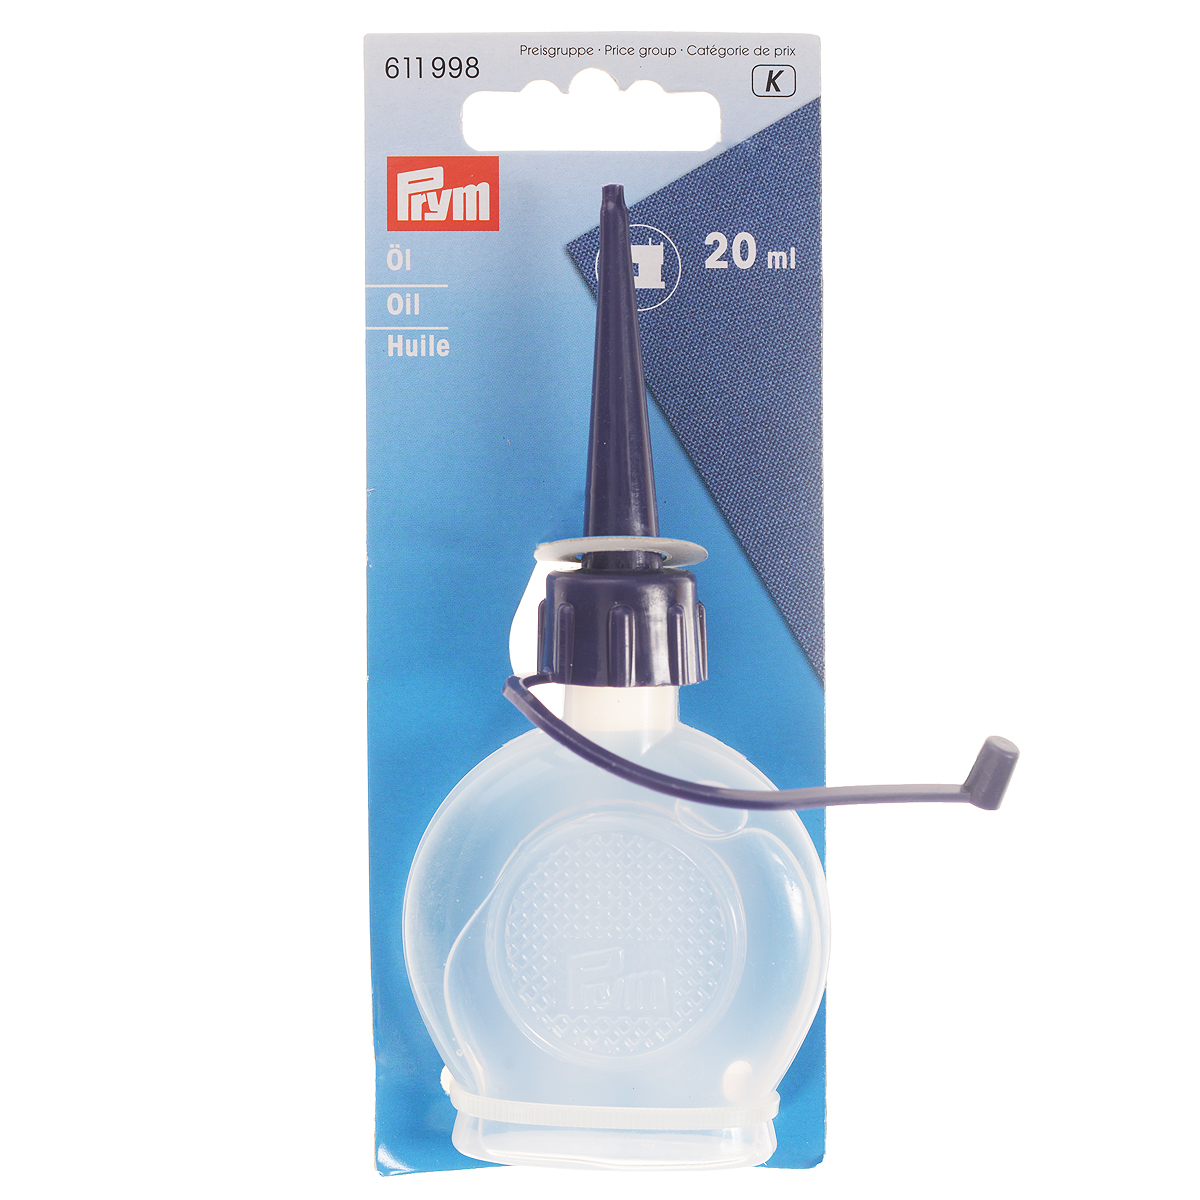 Масло для швейных машин Prym, 20 мл-611998SFC.004Масло Prym высшего качества предназначено для смазки трущихся деталей швейных машин и оверлоков. Оно необходимо для нормальной работы инструментов, а также продления их срока службы. Масло бесцветное, не содержит смол и кислот, а также не имеет резкого запаха. Оно упаковано в пластиковую бутылочку с длинным носиком-дозатором для удобного нанесения и распределения.Объем: 20 мл.